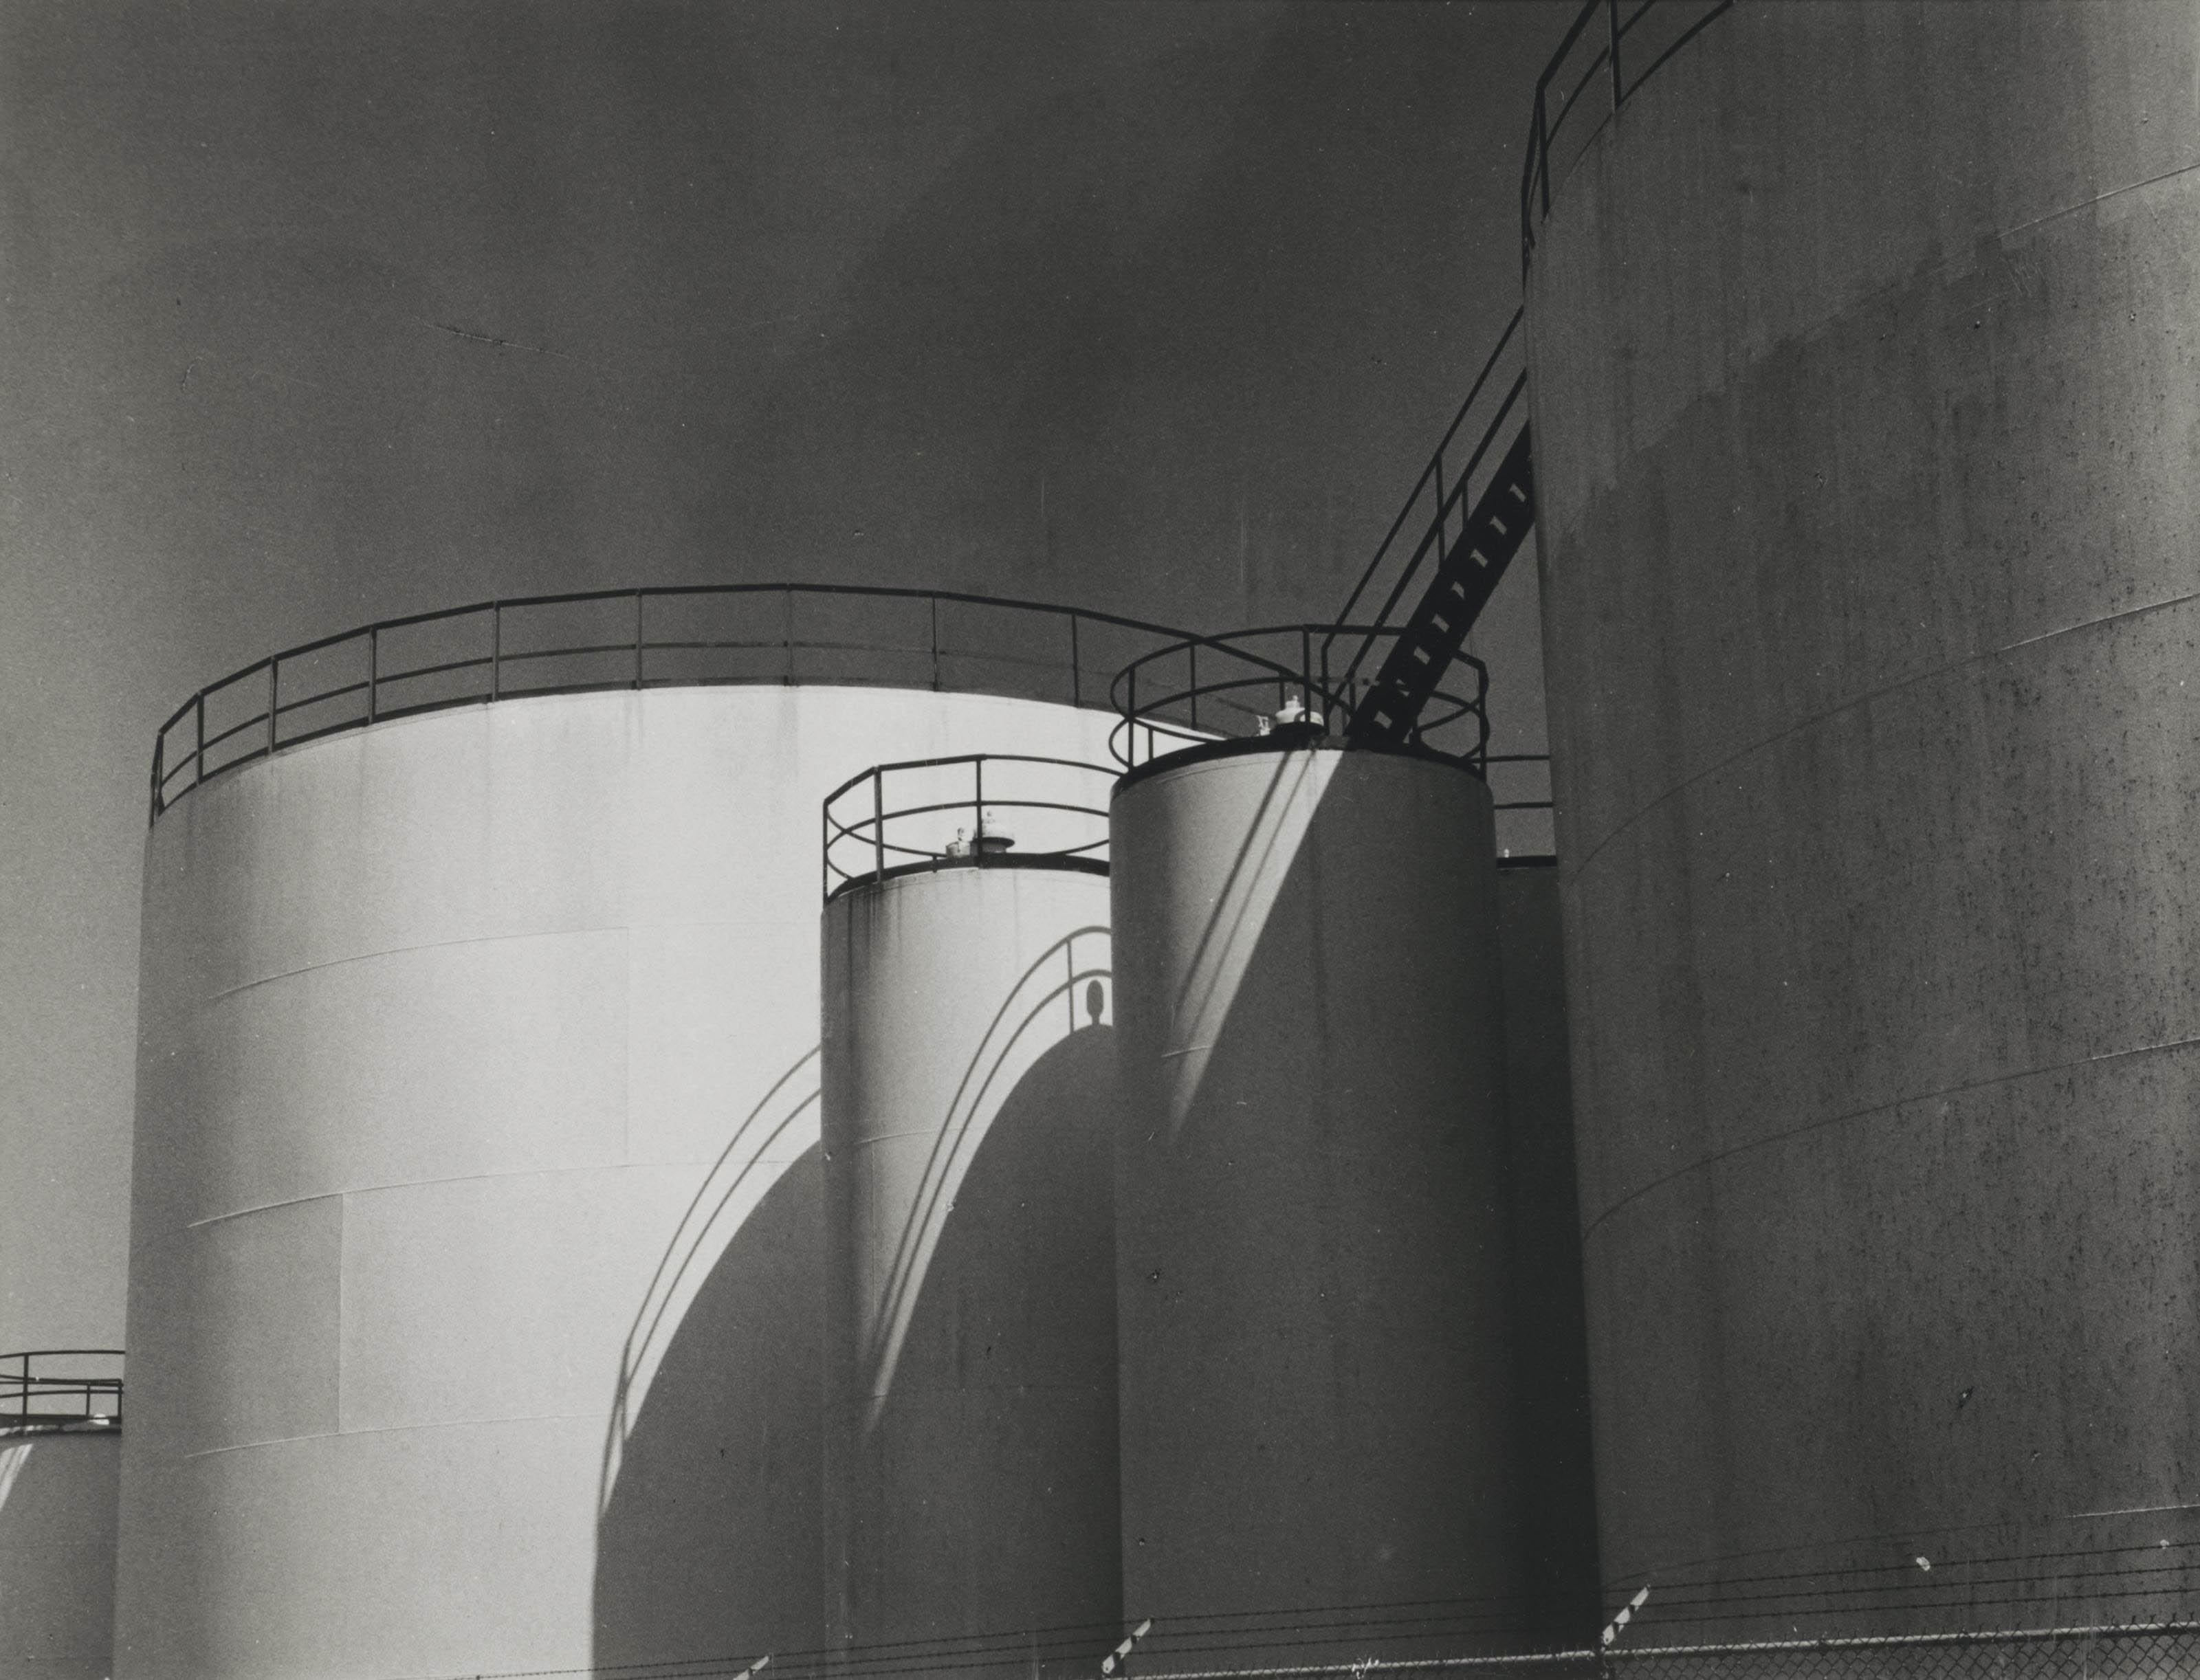 Industrial studies, 1981-1984